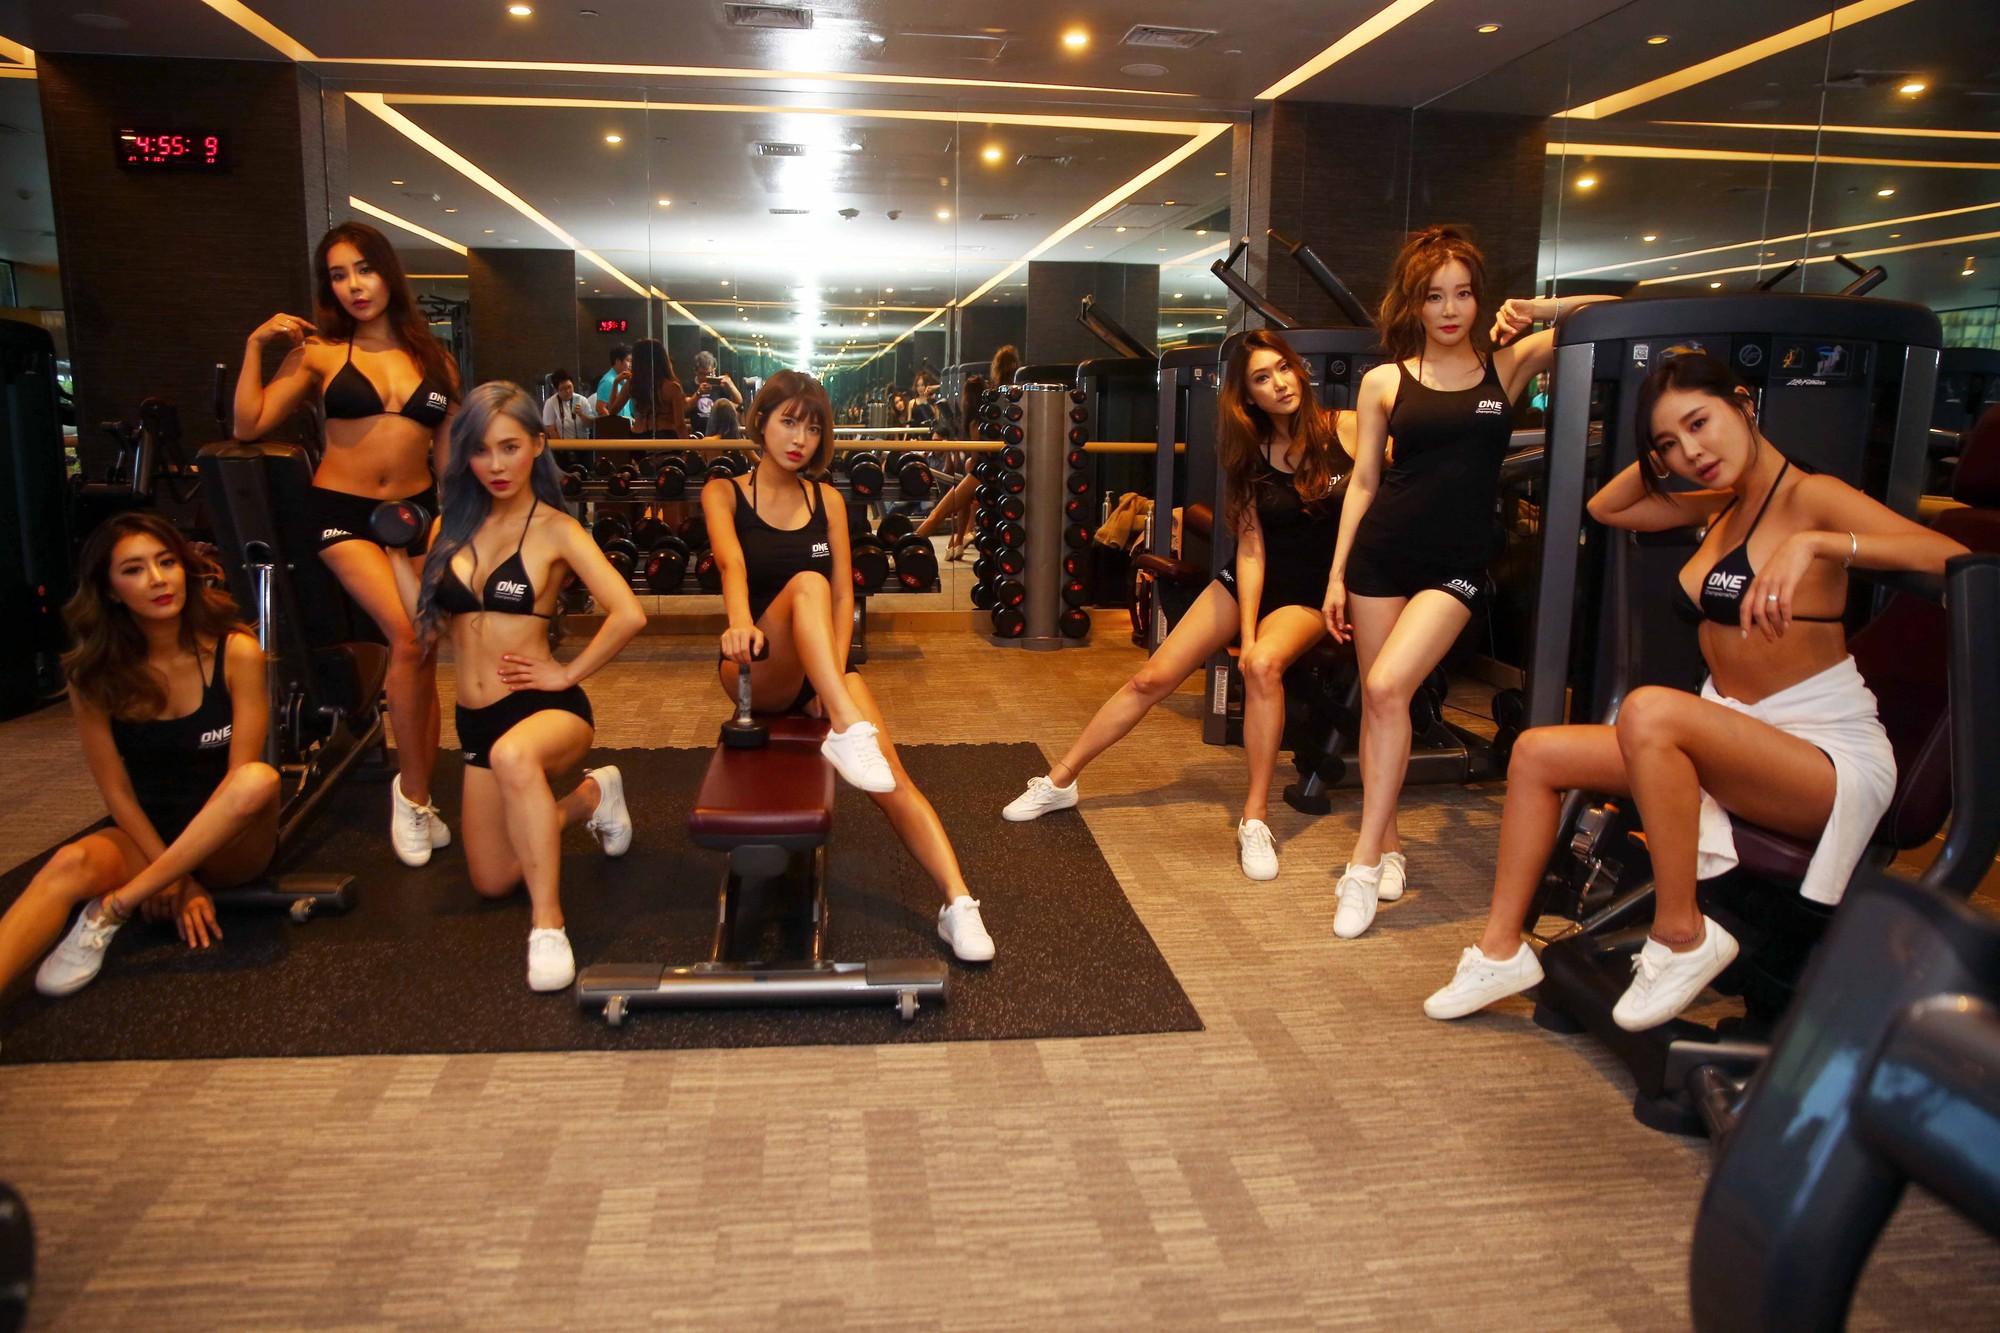 Ảnh các cô gái ở phòng gym